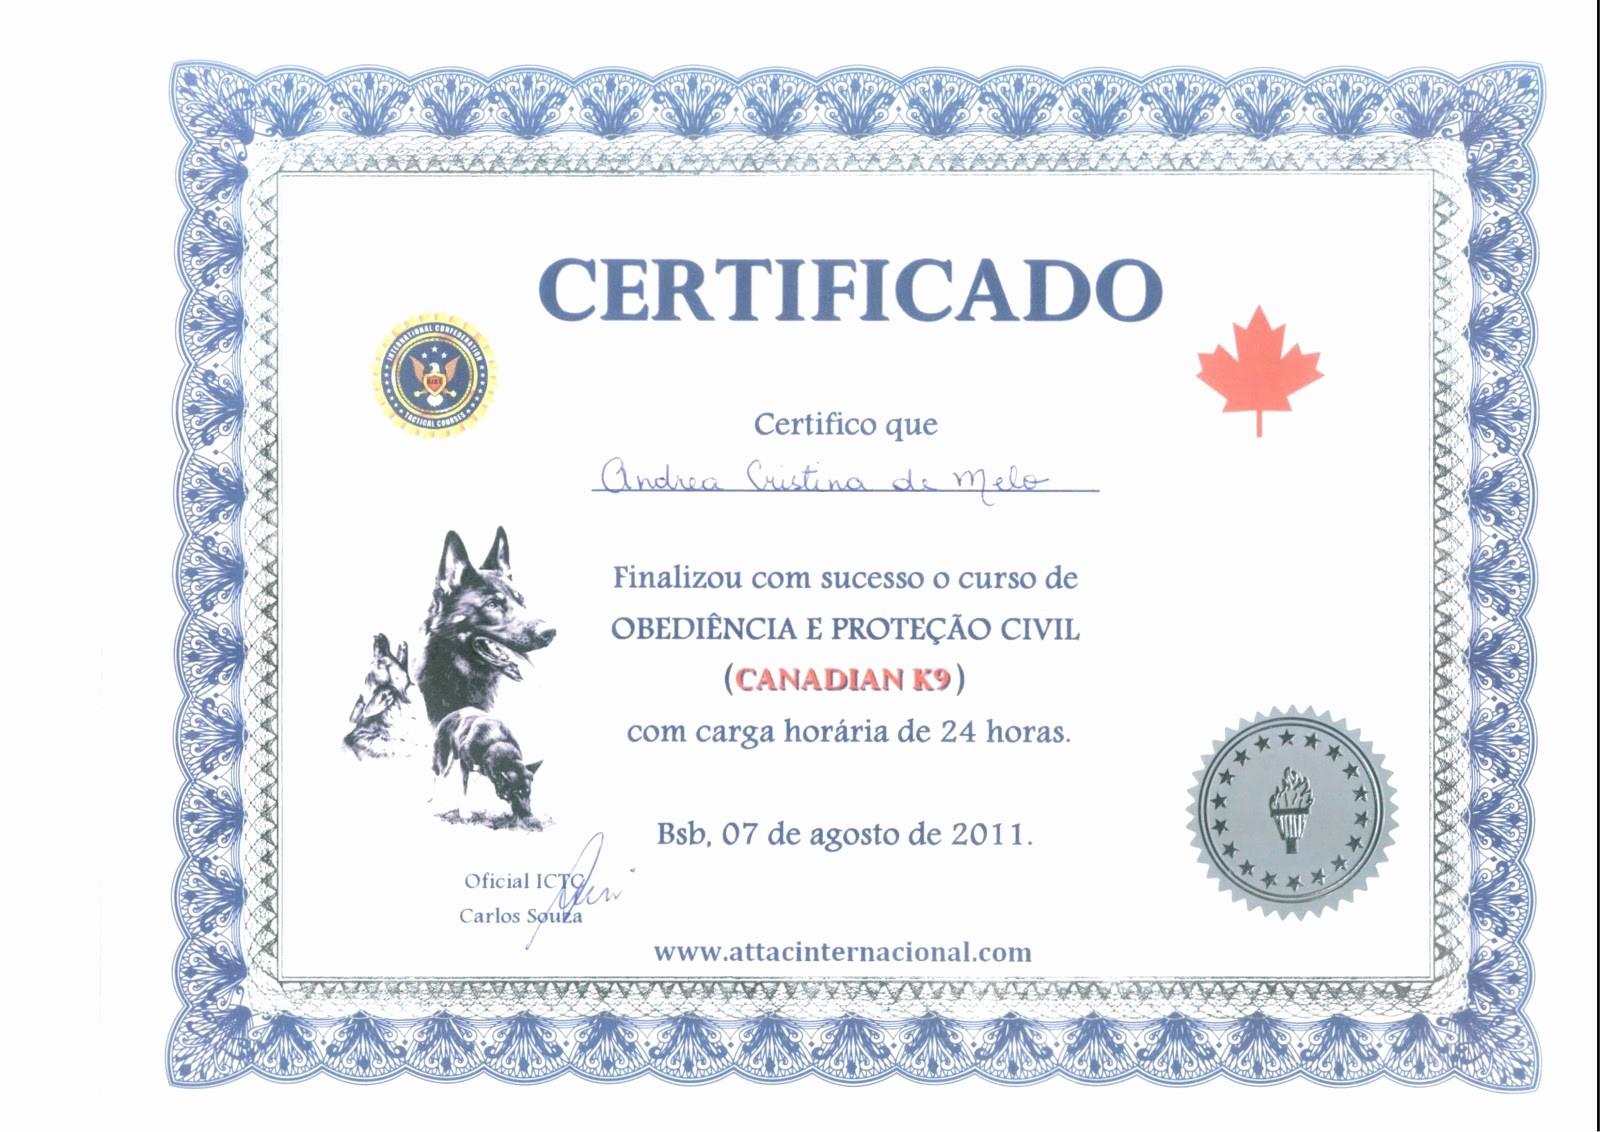 Certificado De Agradecimiento Y Apreciacion Unique Certificado De Agradecimiento Cristiano Related Keywords